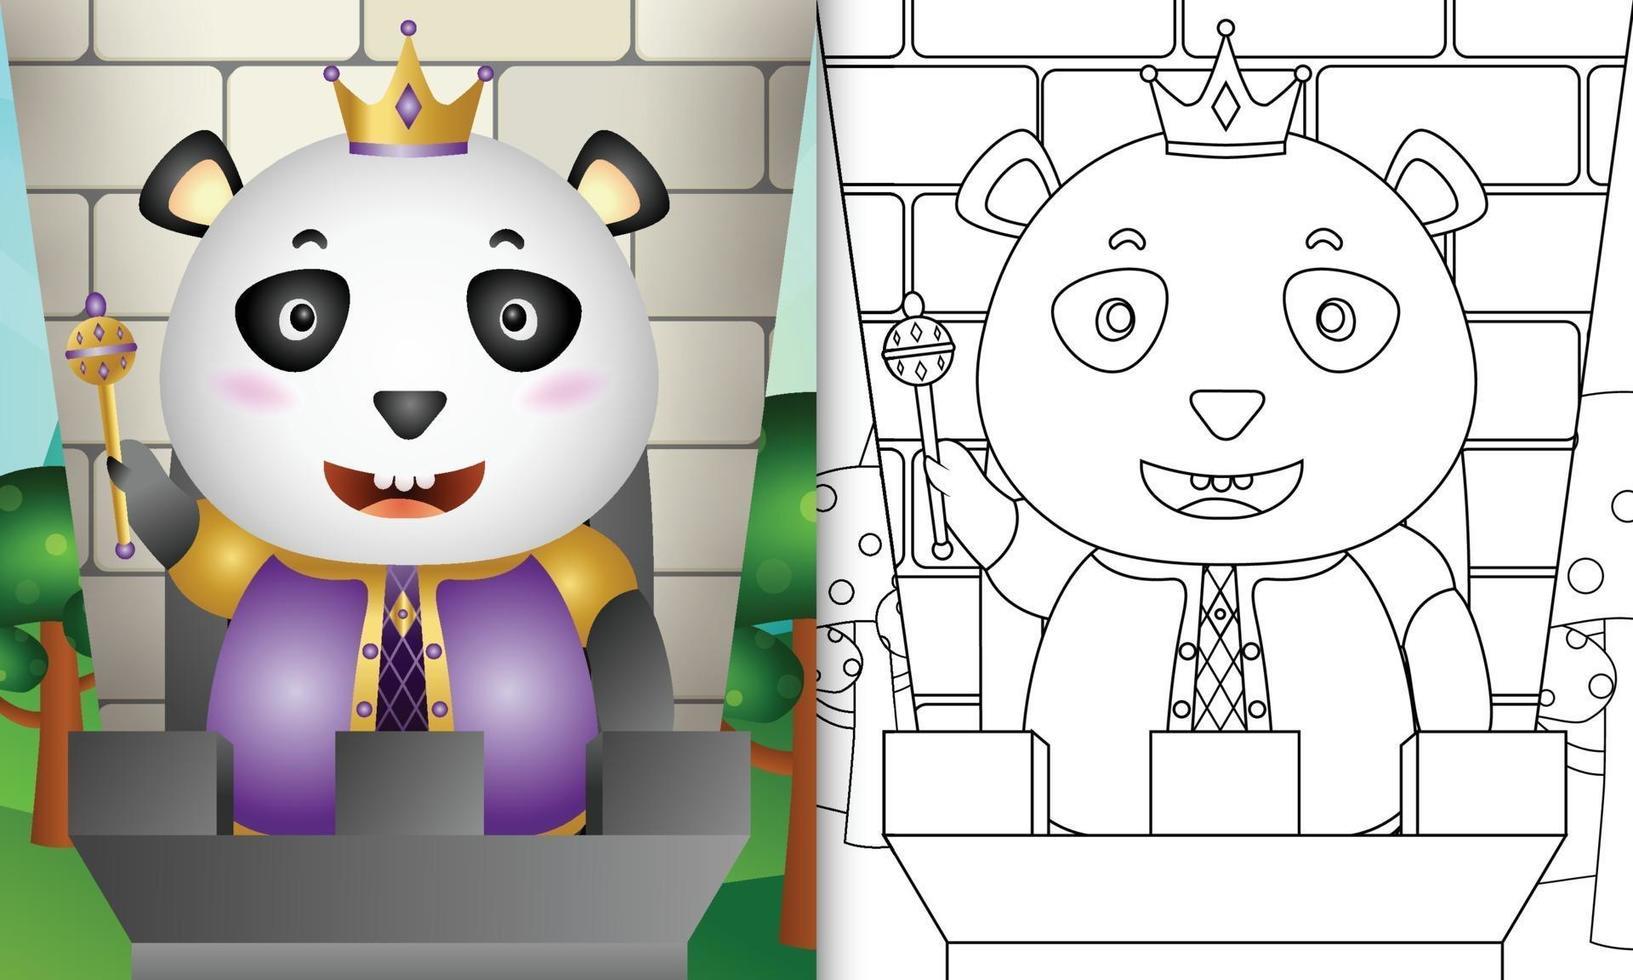 kleurboeksjabloon voor kinderen met een schattige illustratie van het koningspanda-karakter vector